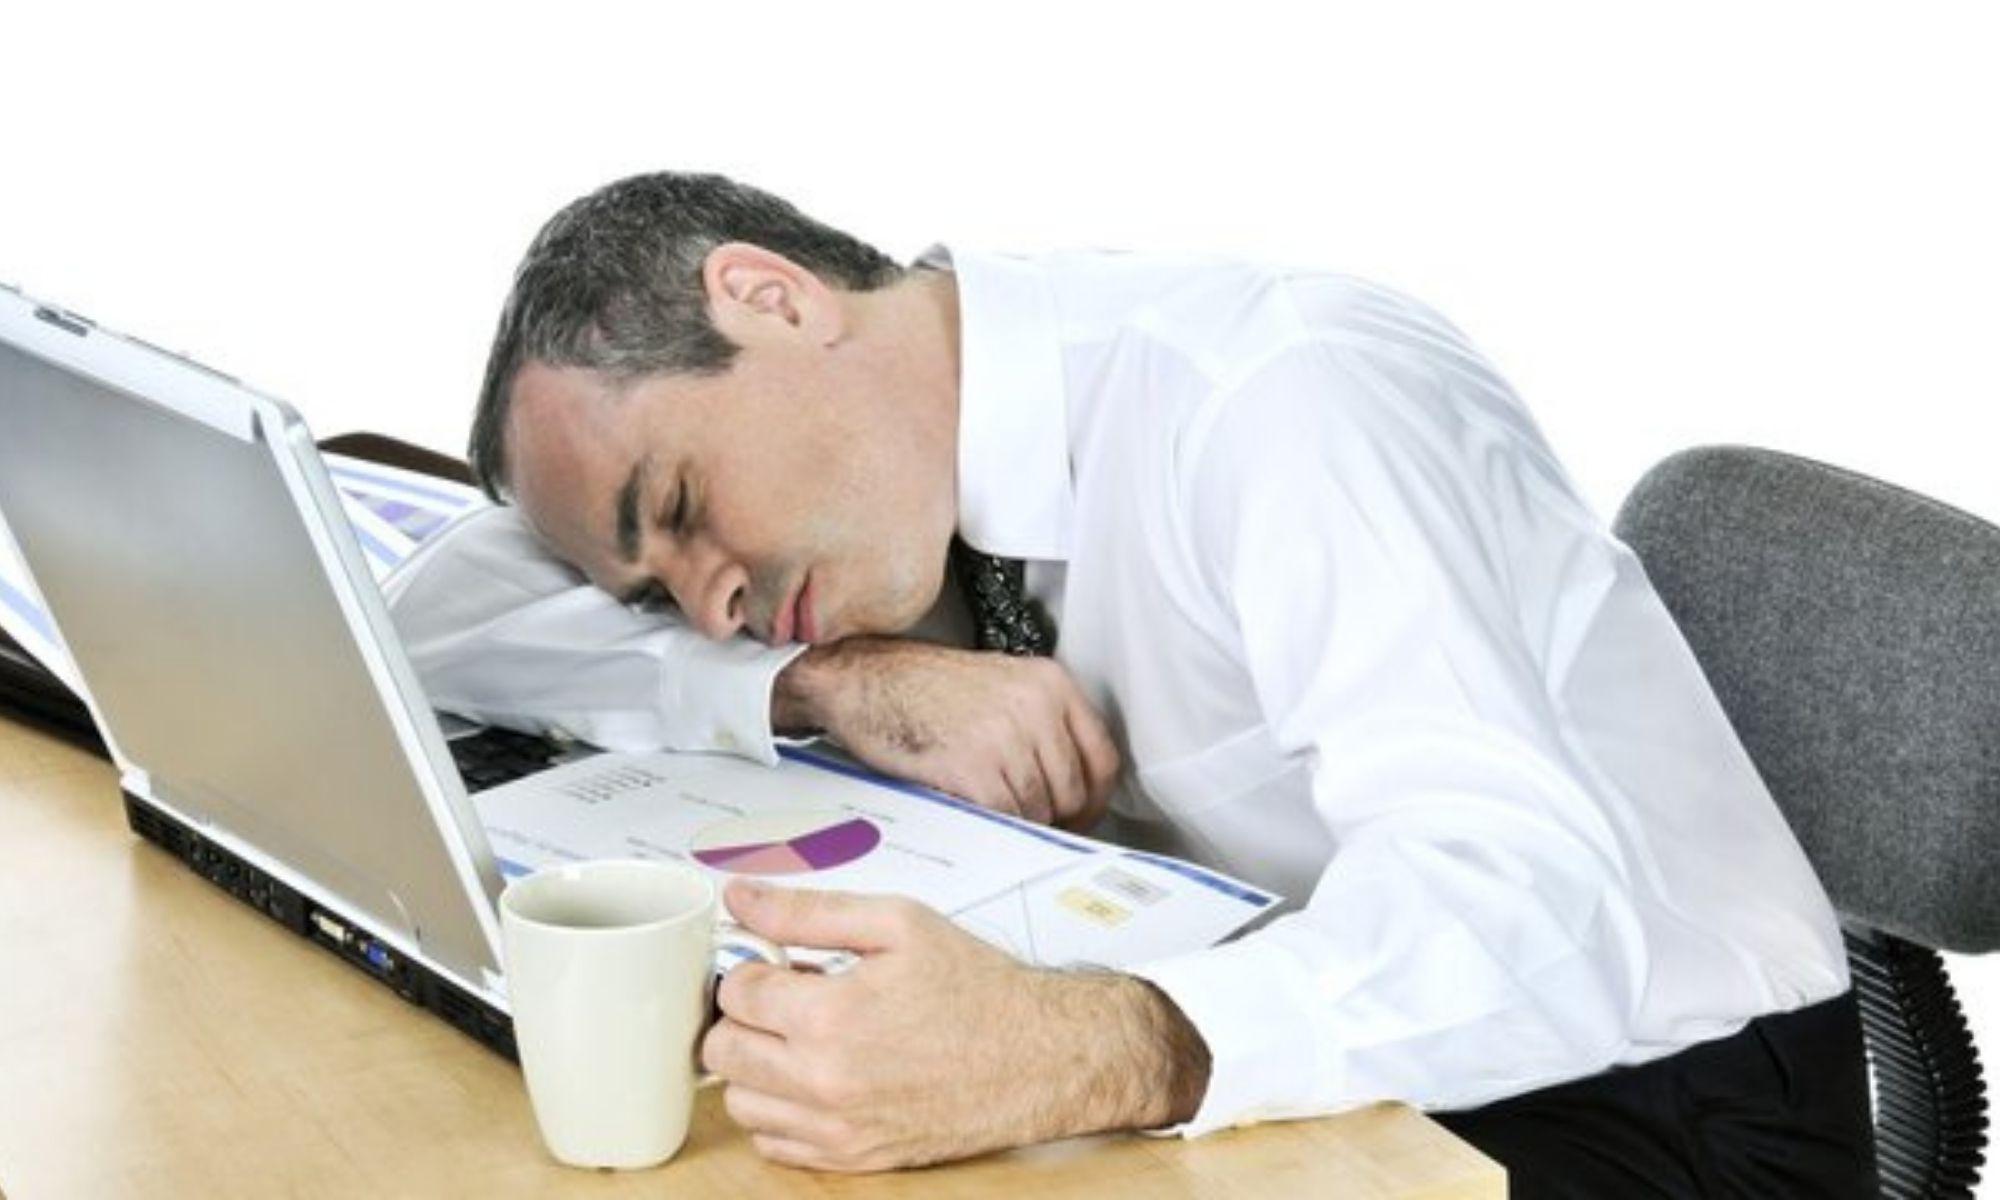 Во сколько лечь спать, чтобы встать бодрым и отдохнувшим